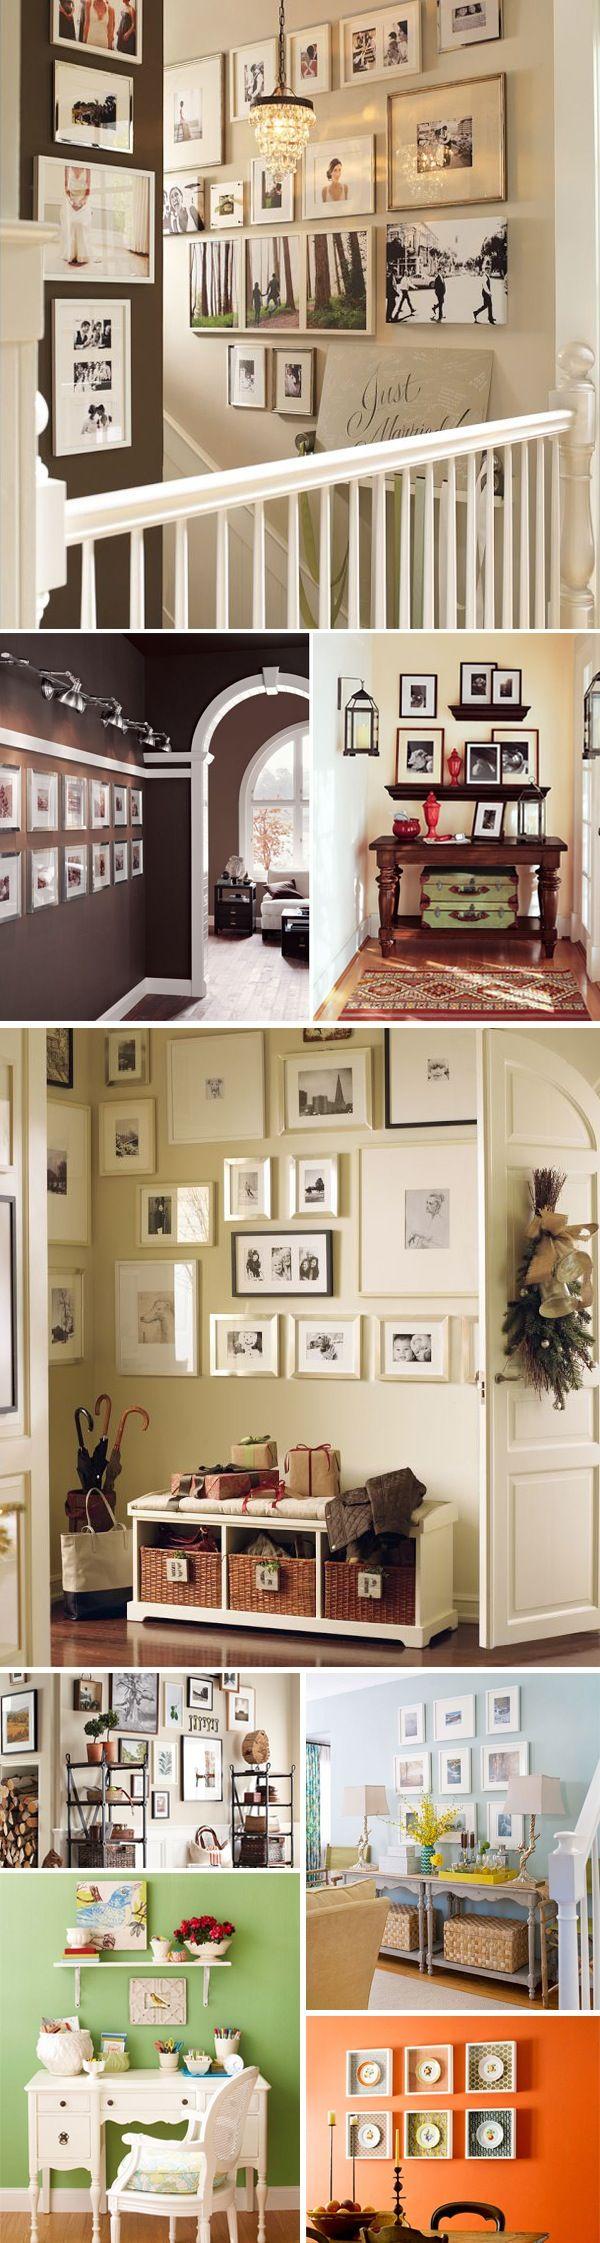 Amo, AMo, AMo milhares de quadros em uma parede, Rafa, deixa eu fazer na nossa parede? quando ela existir?